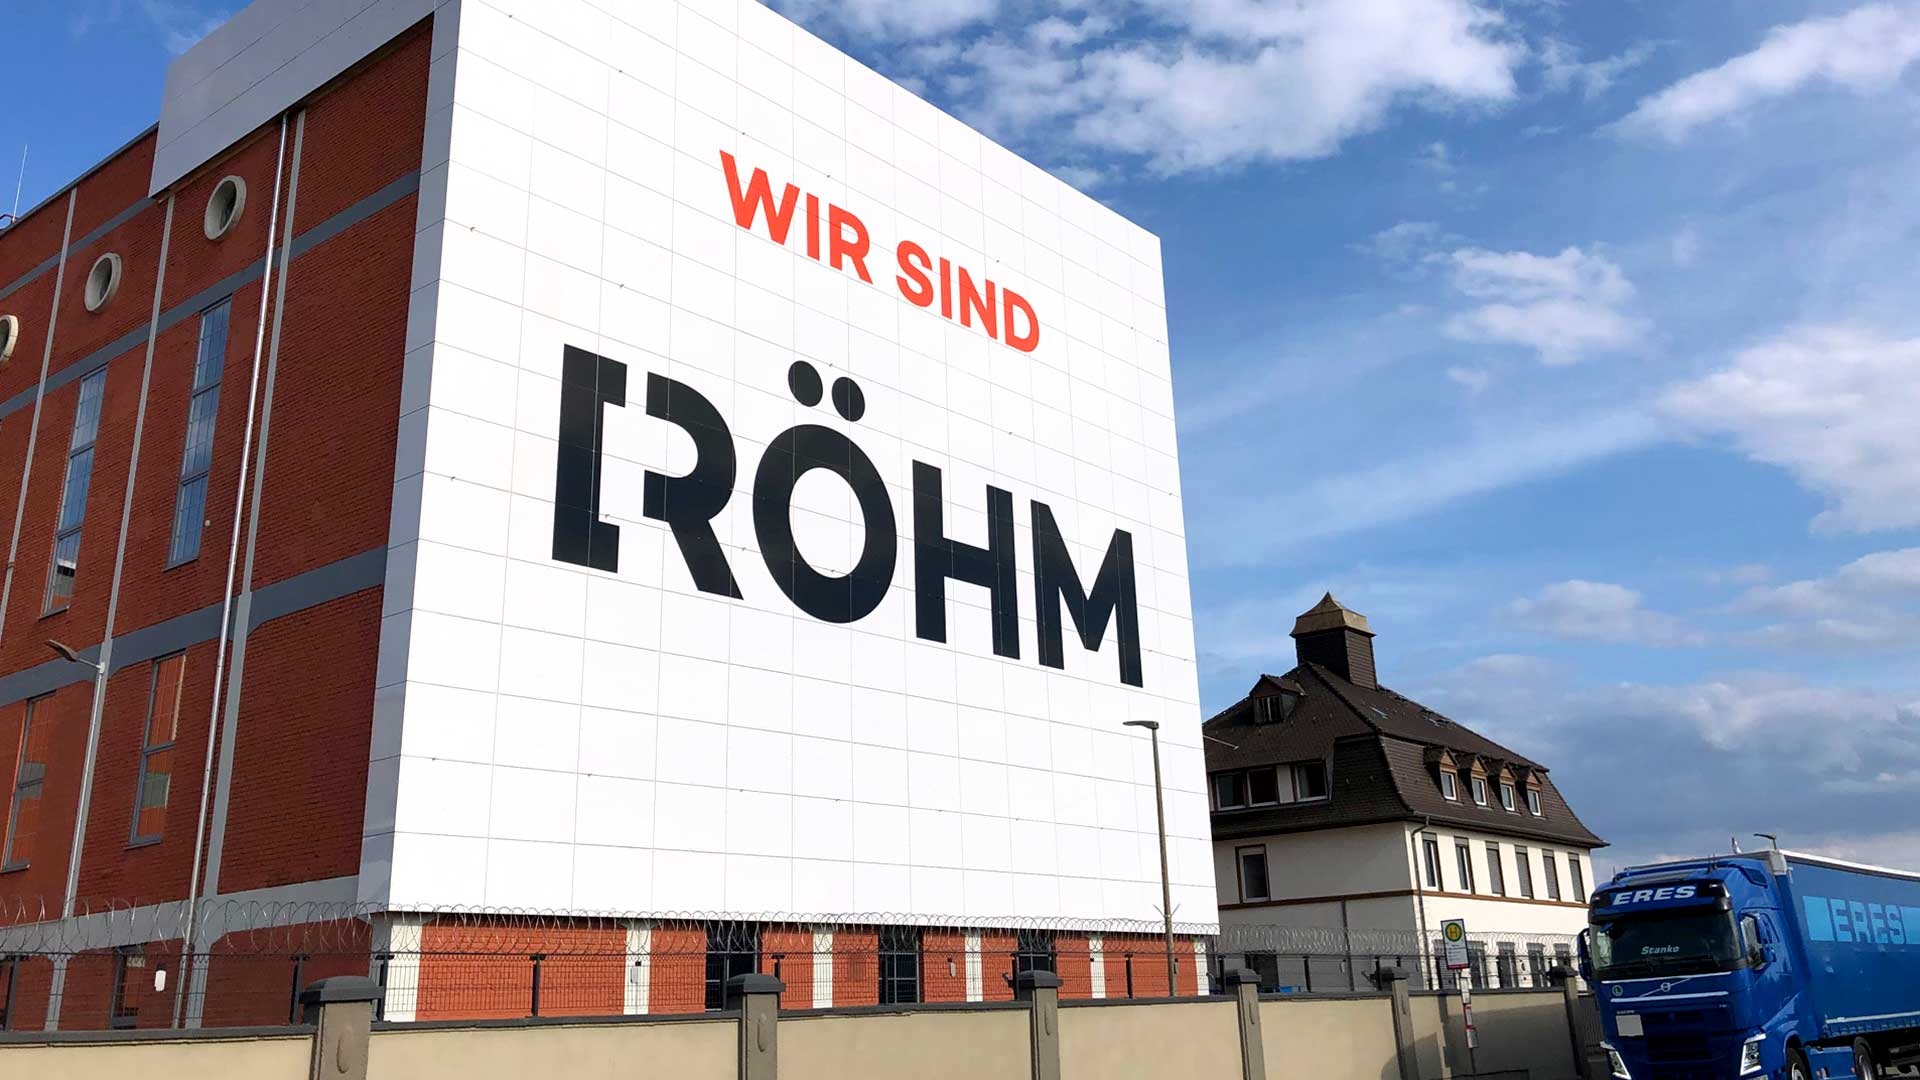 Röhm: Brand Design - Markenbildung & Positionierung